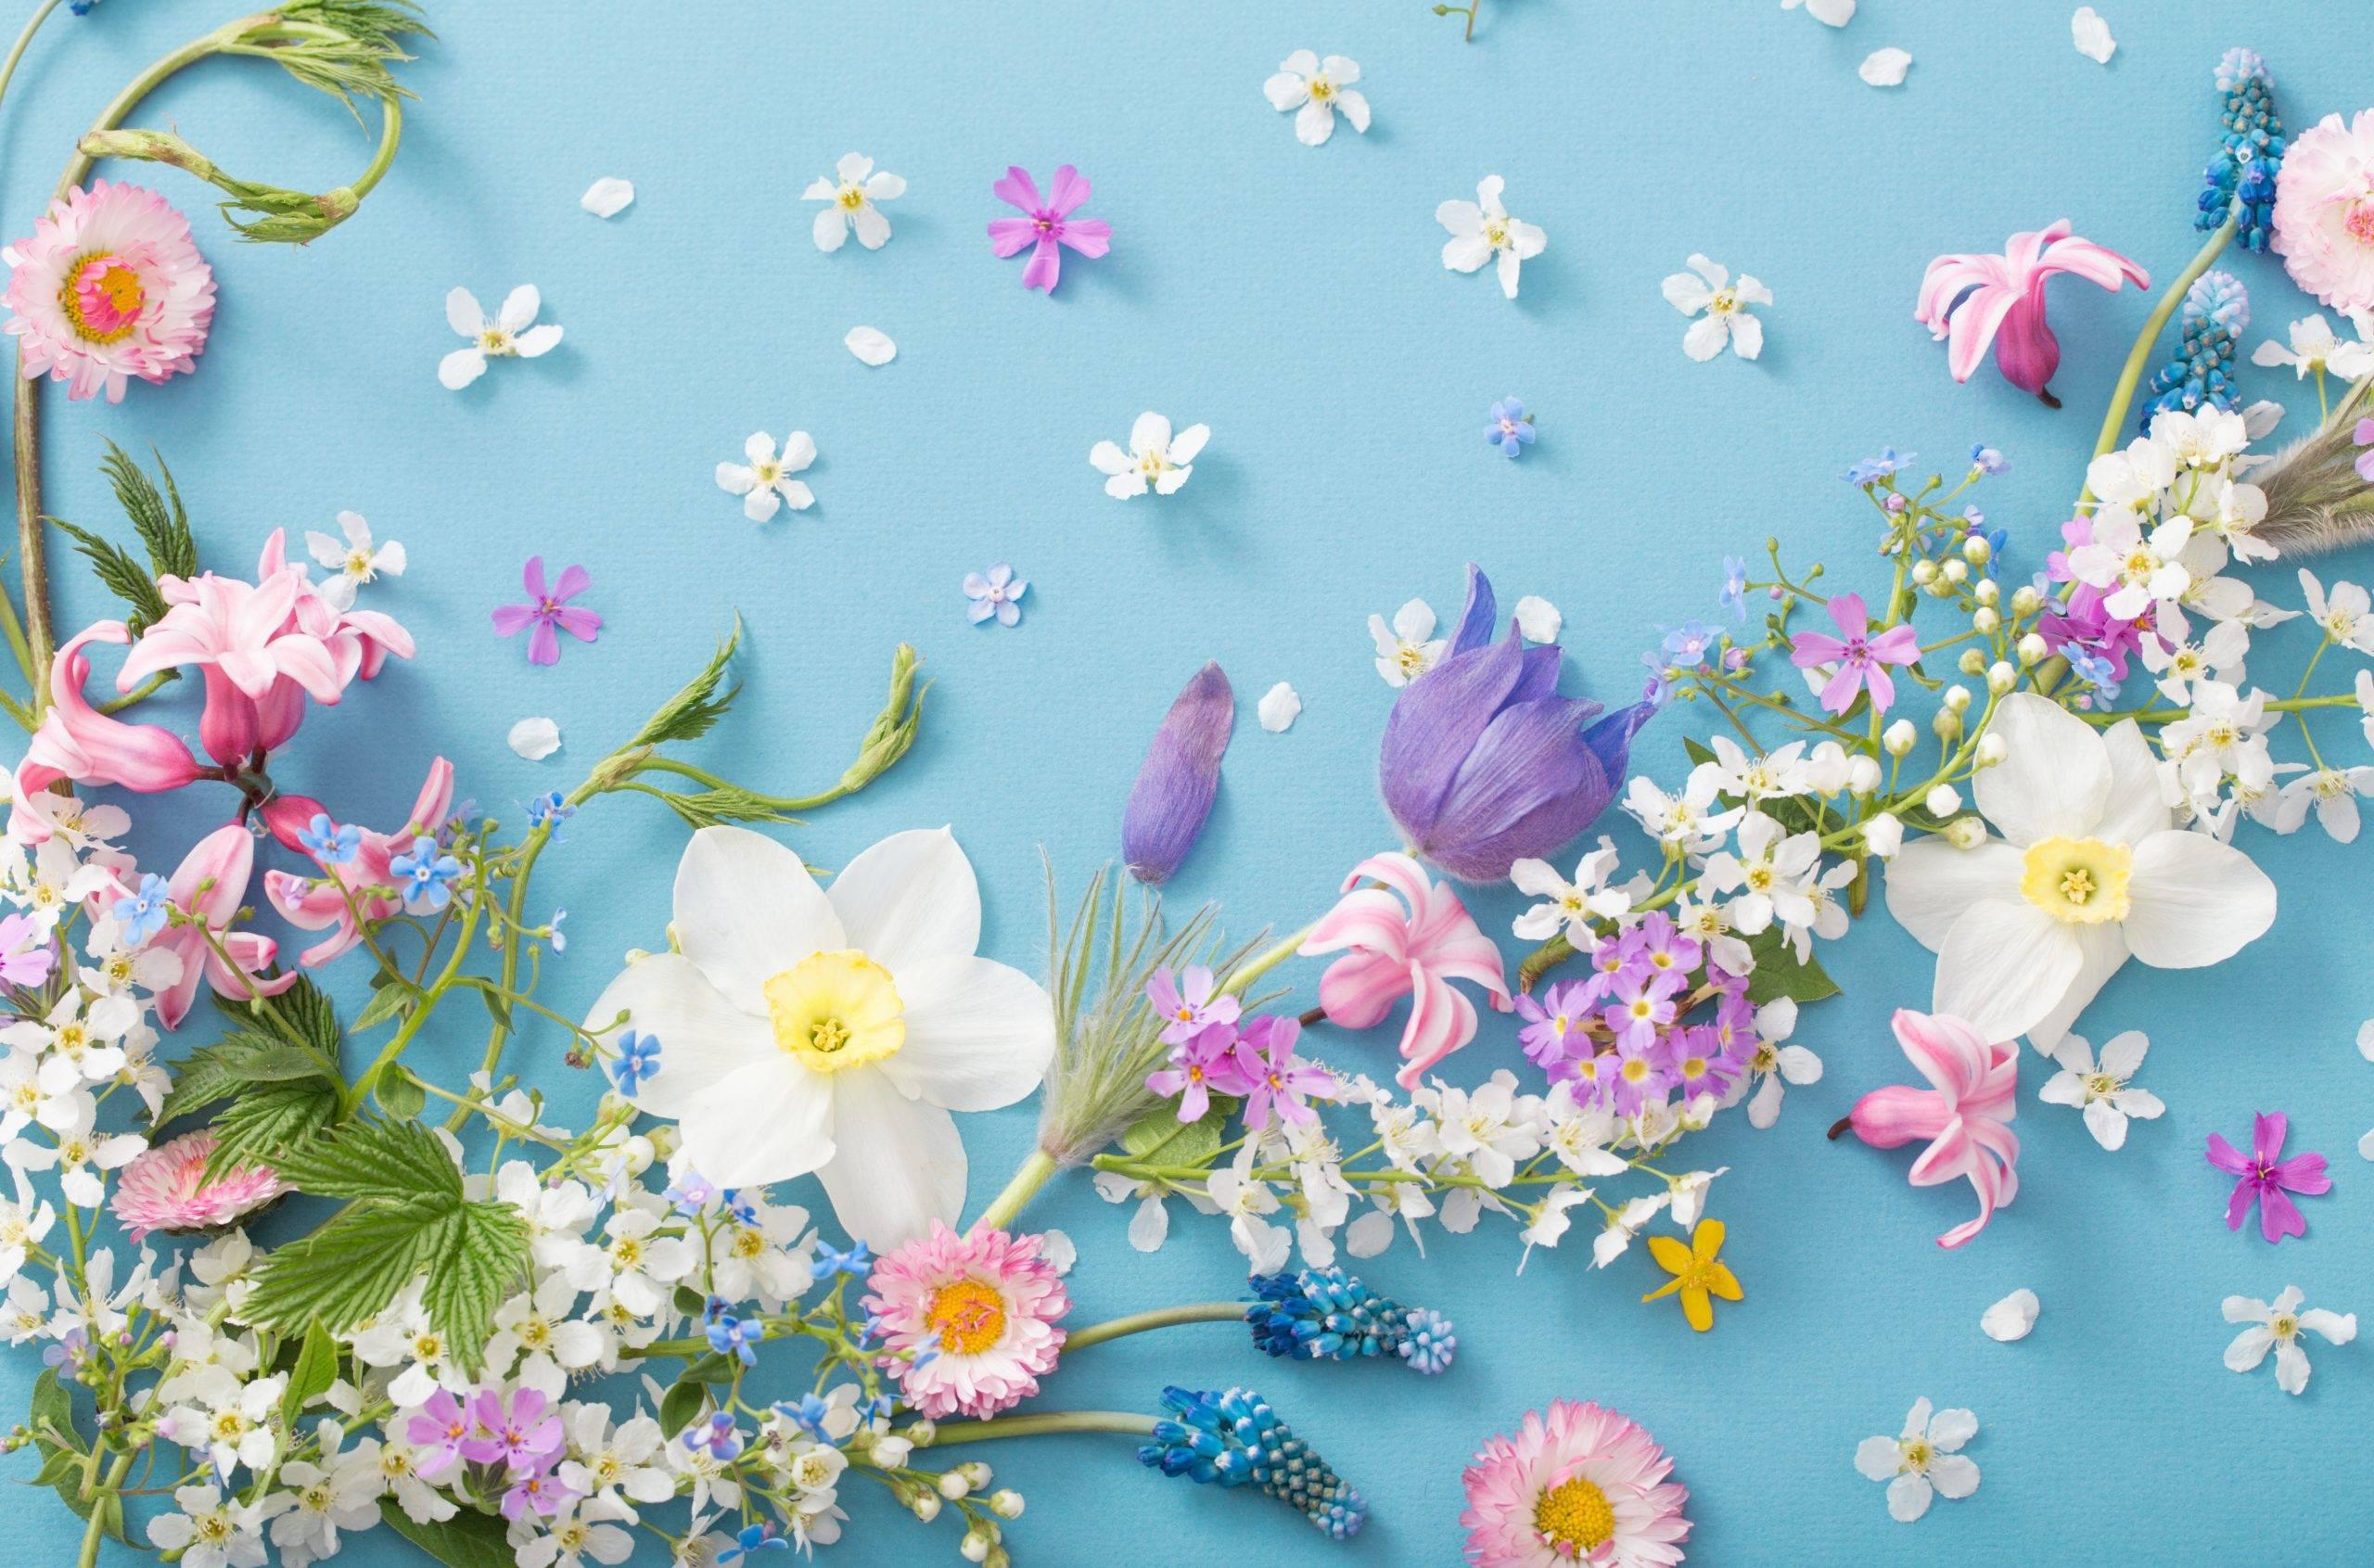 Homeopatia na reumatyzm. Kompozycja kwiatowa: kolorowe kwiaty i pojedyncze płatki leżą rozrzucone na niebieskim tle.